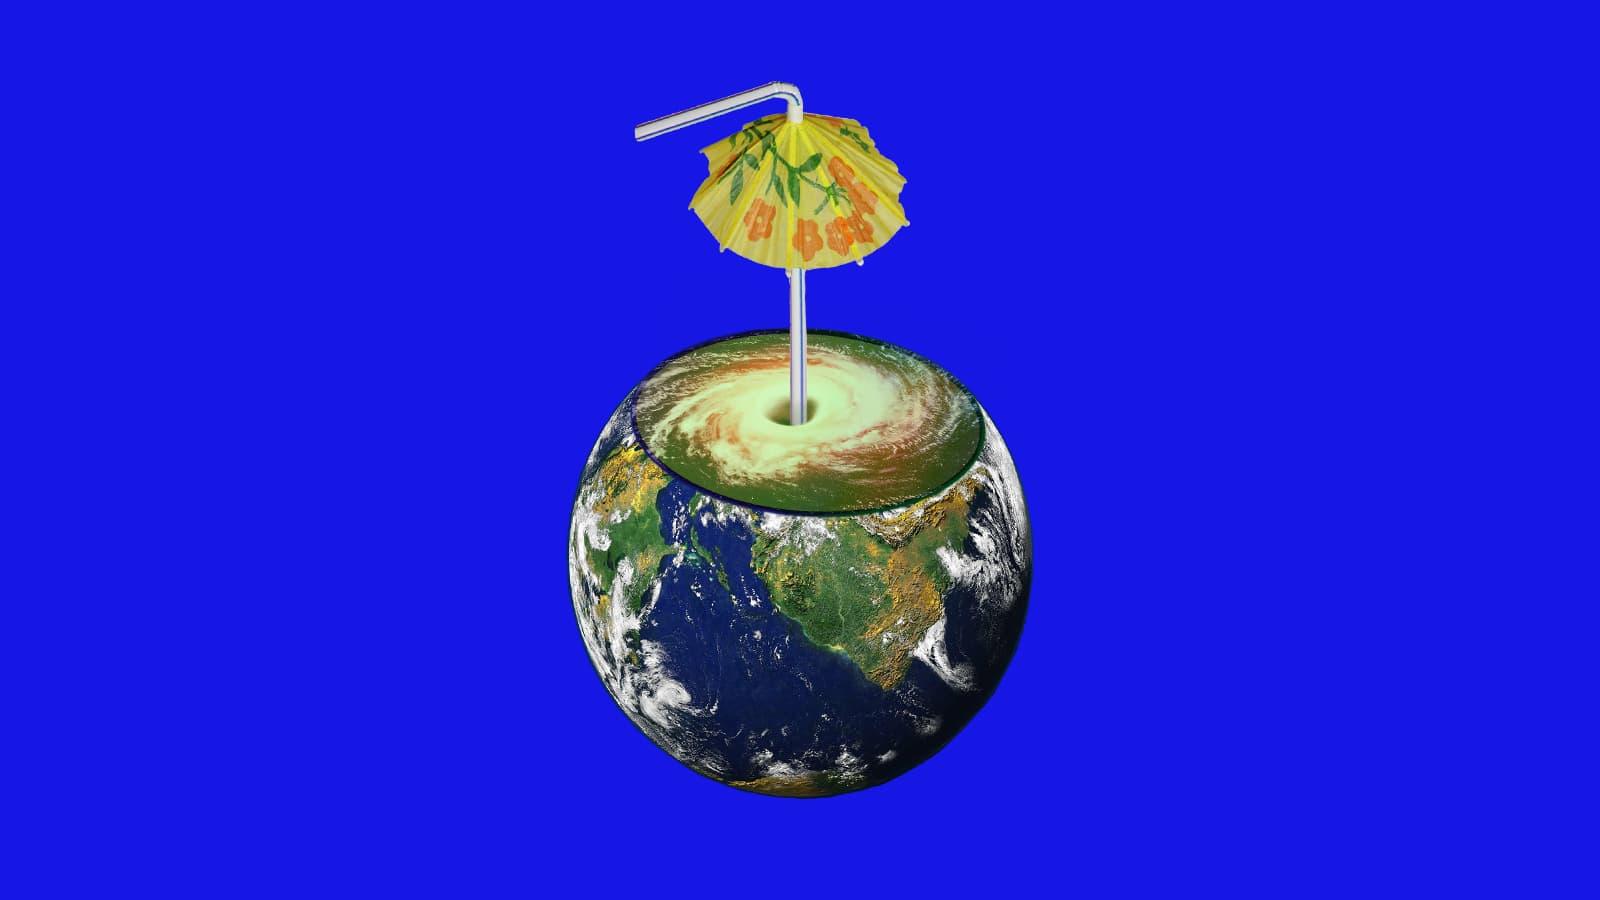 Das globale Wein-Panschen der Alten Welt und Neuen Welt